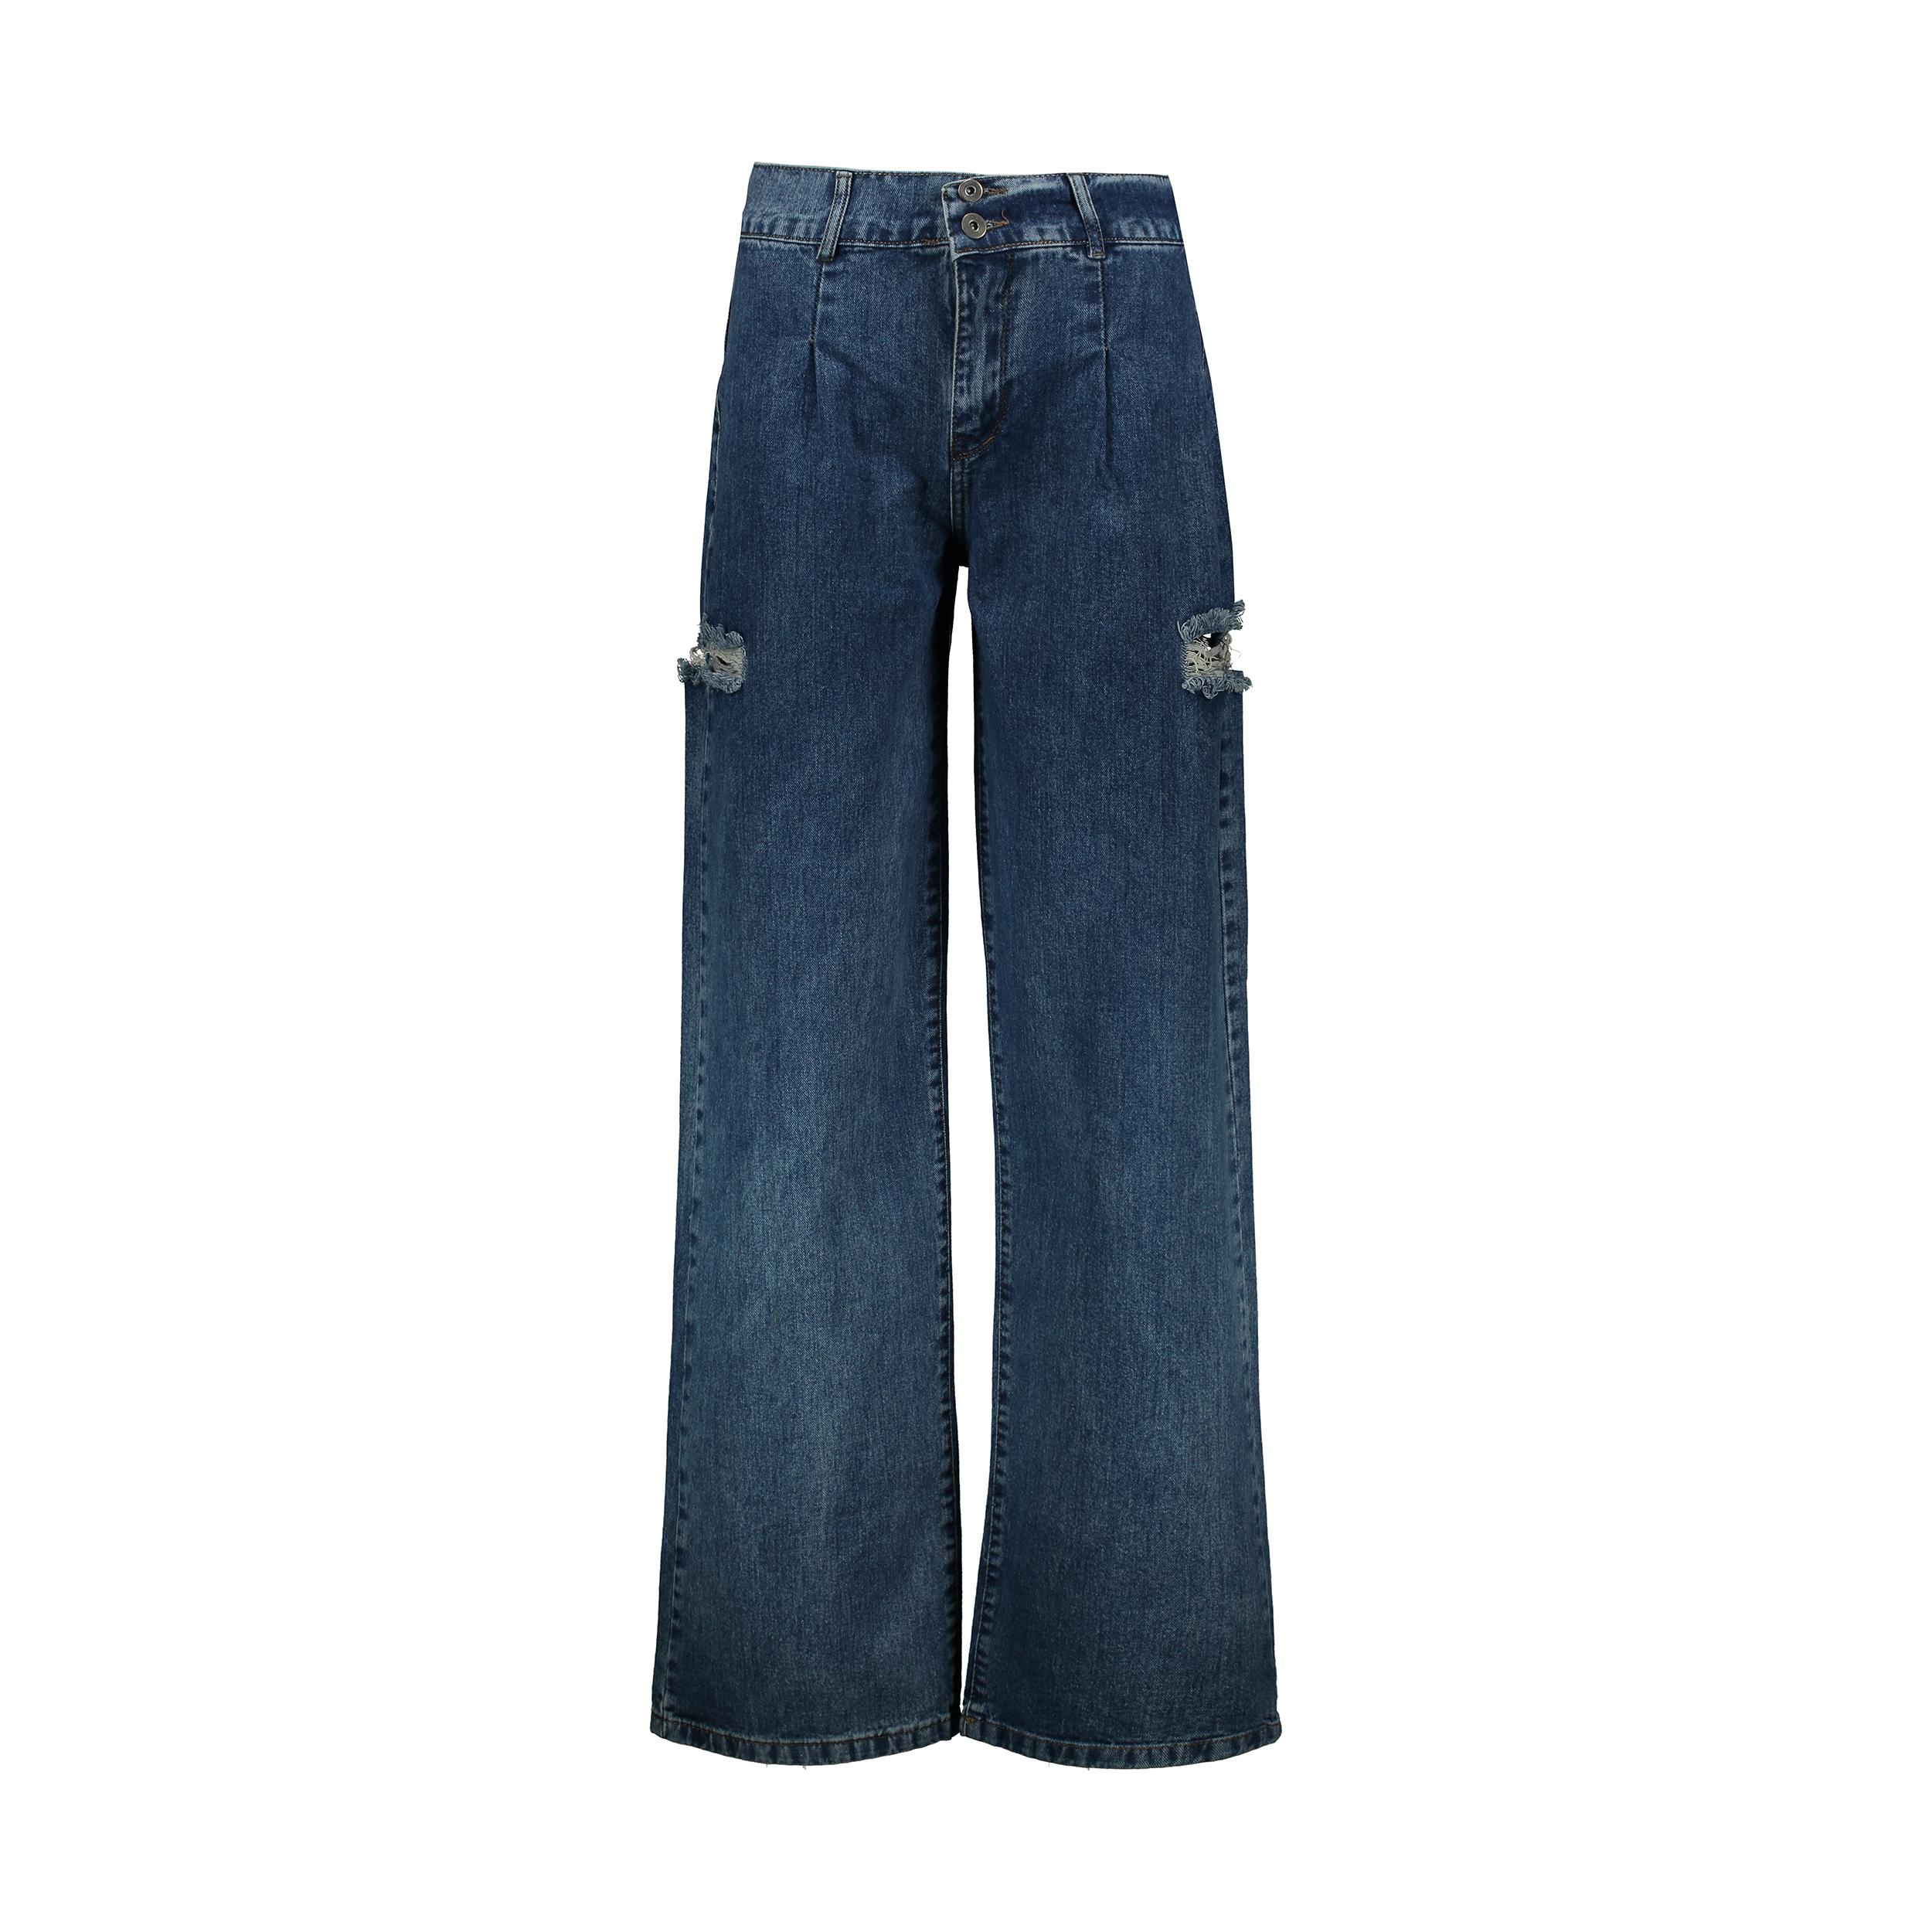 شلوار جین زنانه اکزاترس مدل I031001077080129-077